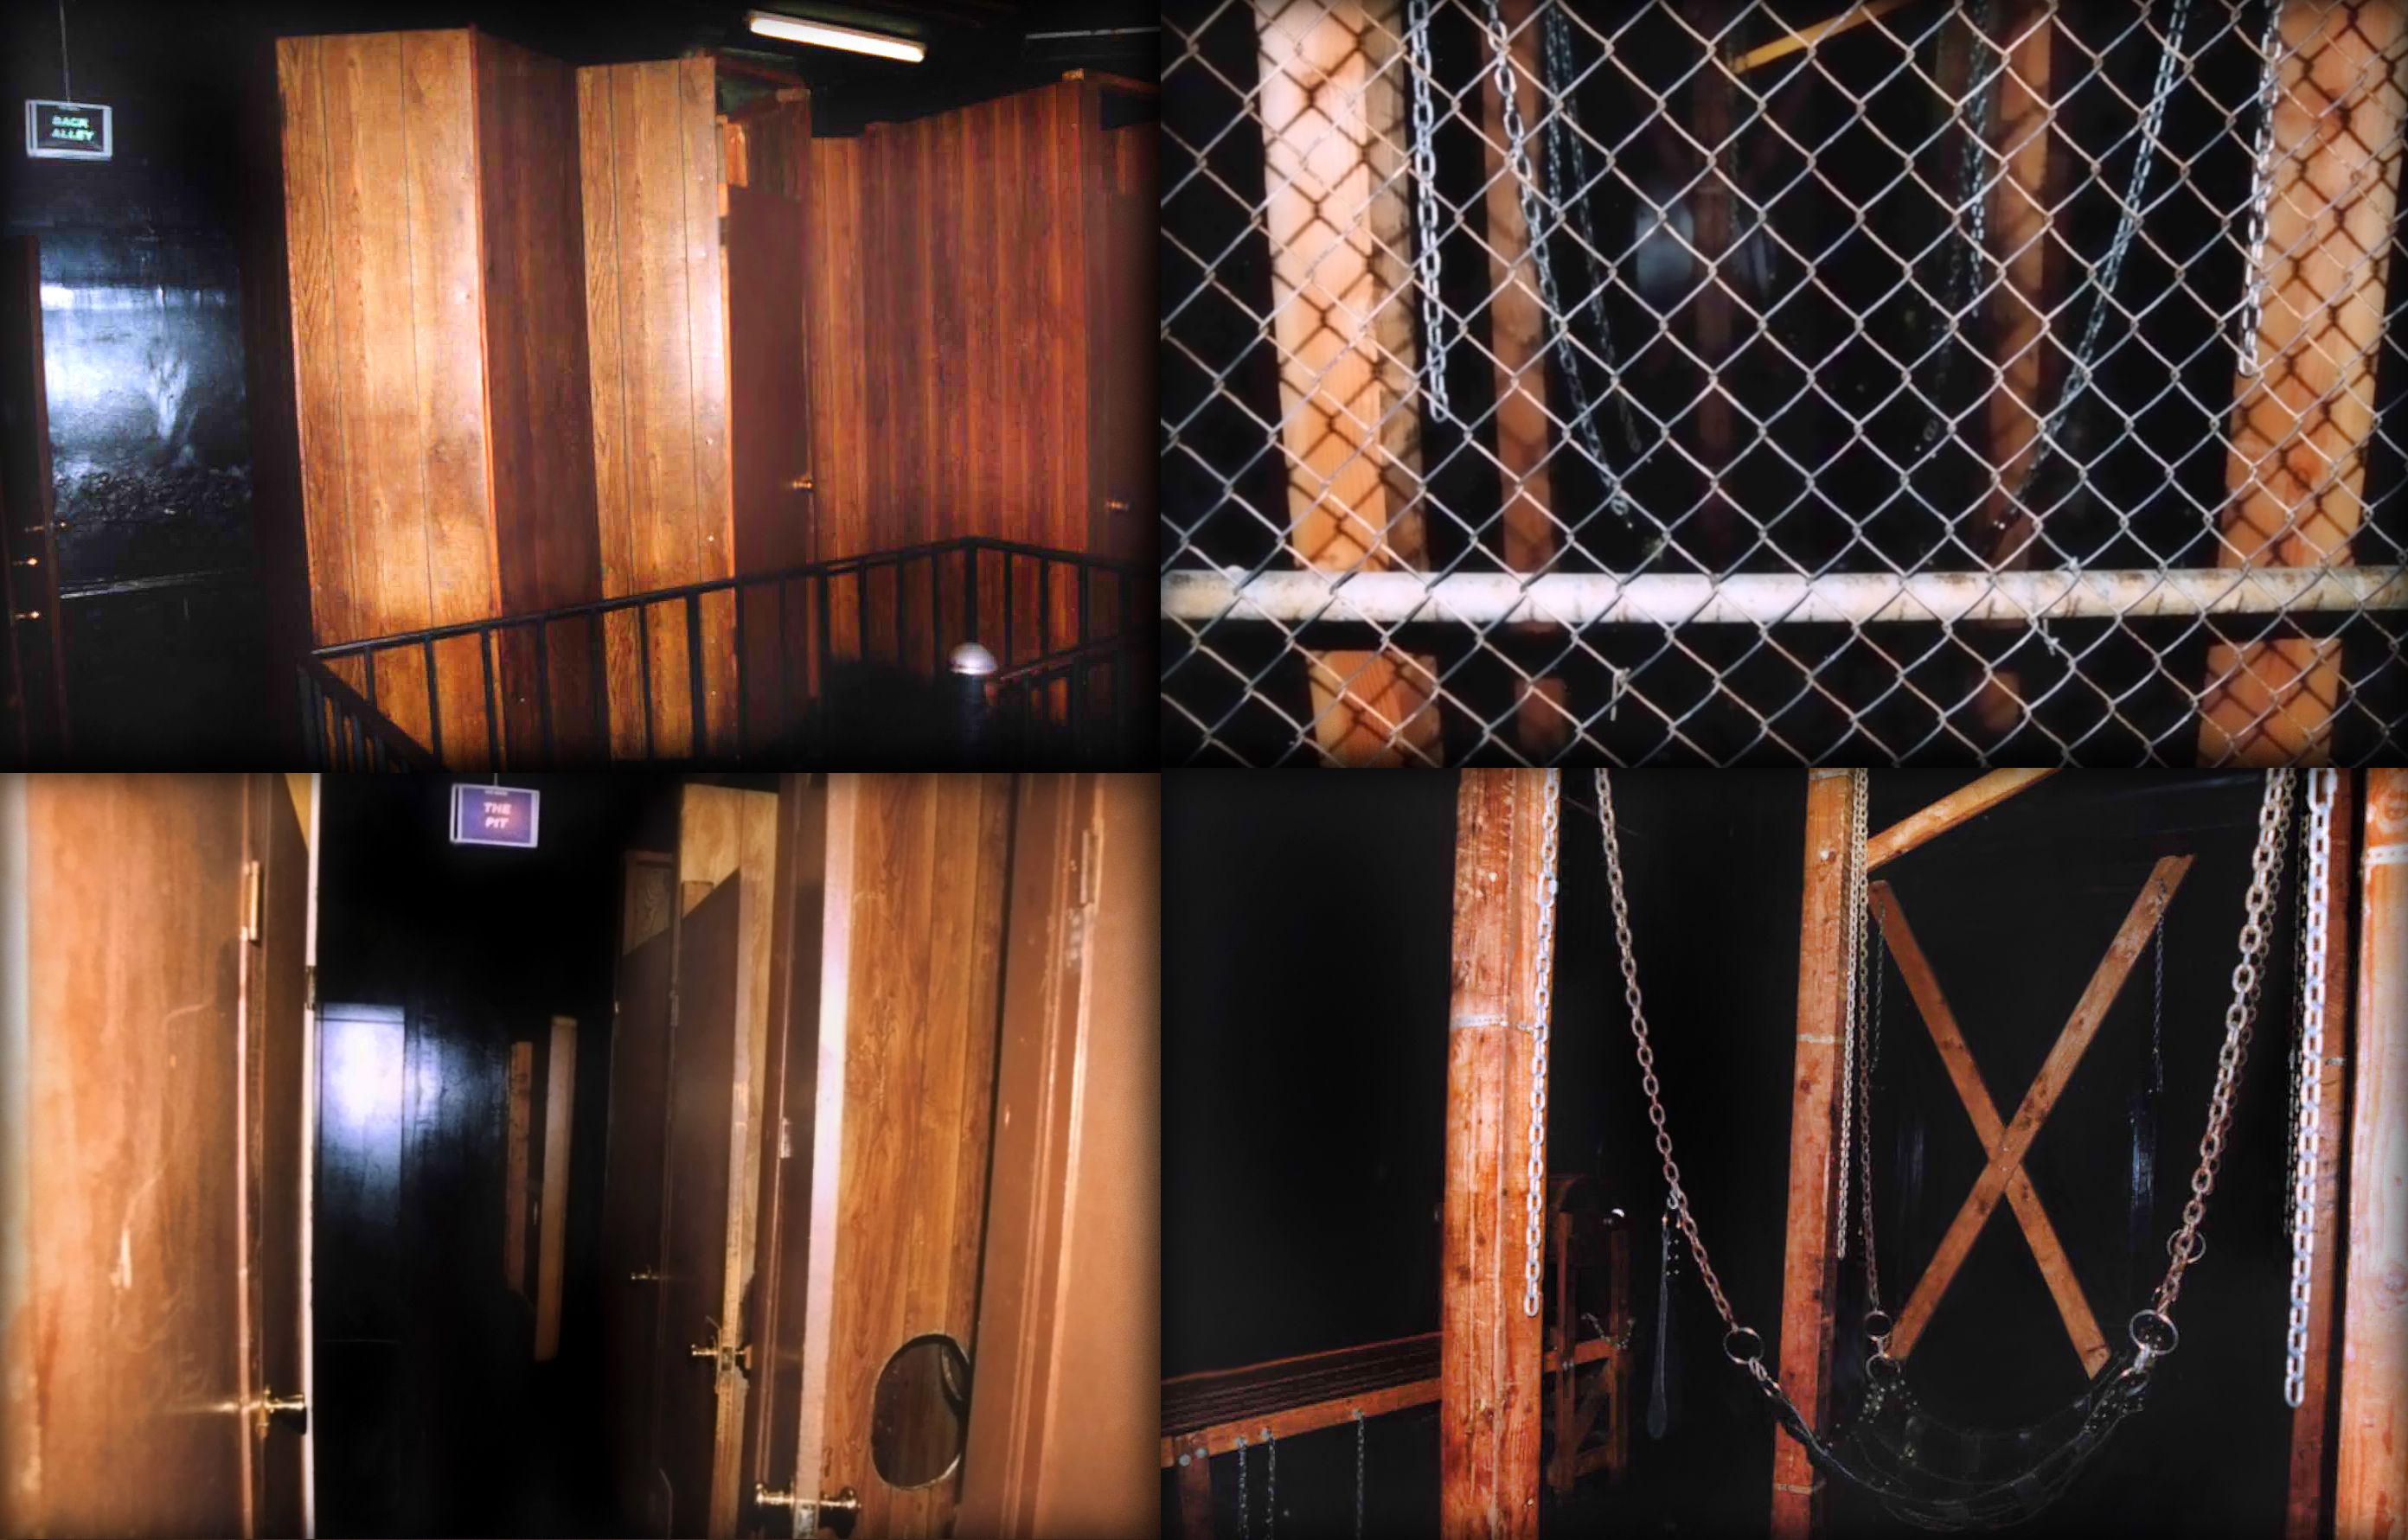 Bijou Theater upstairs maze and dungeon